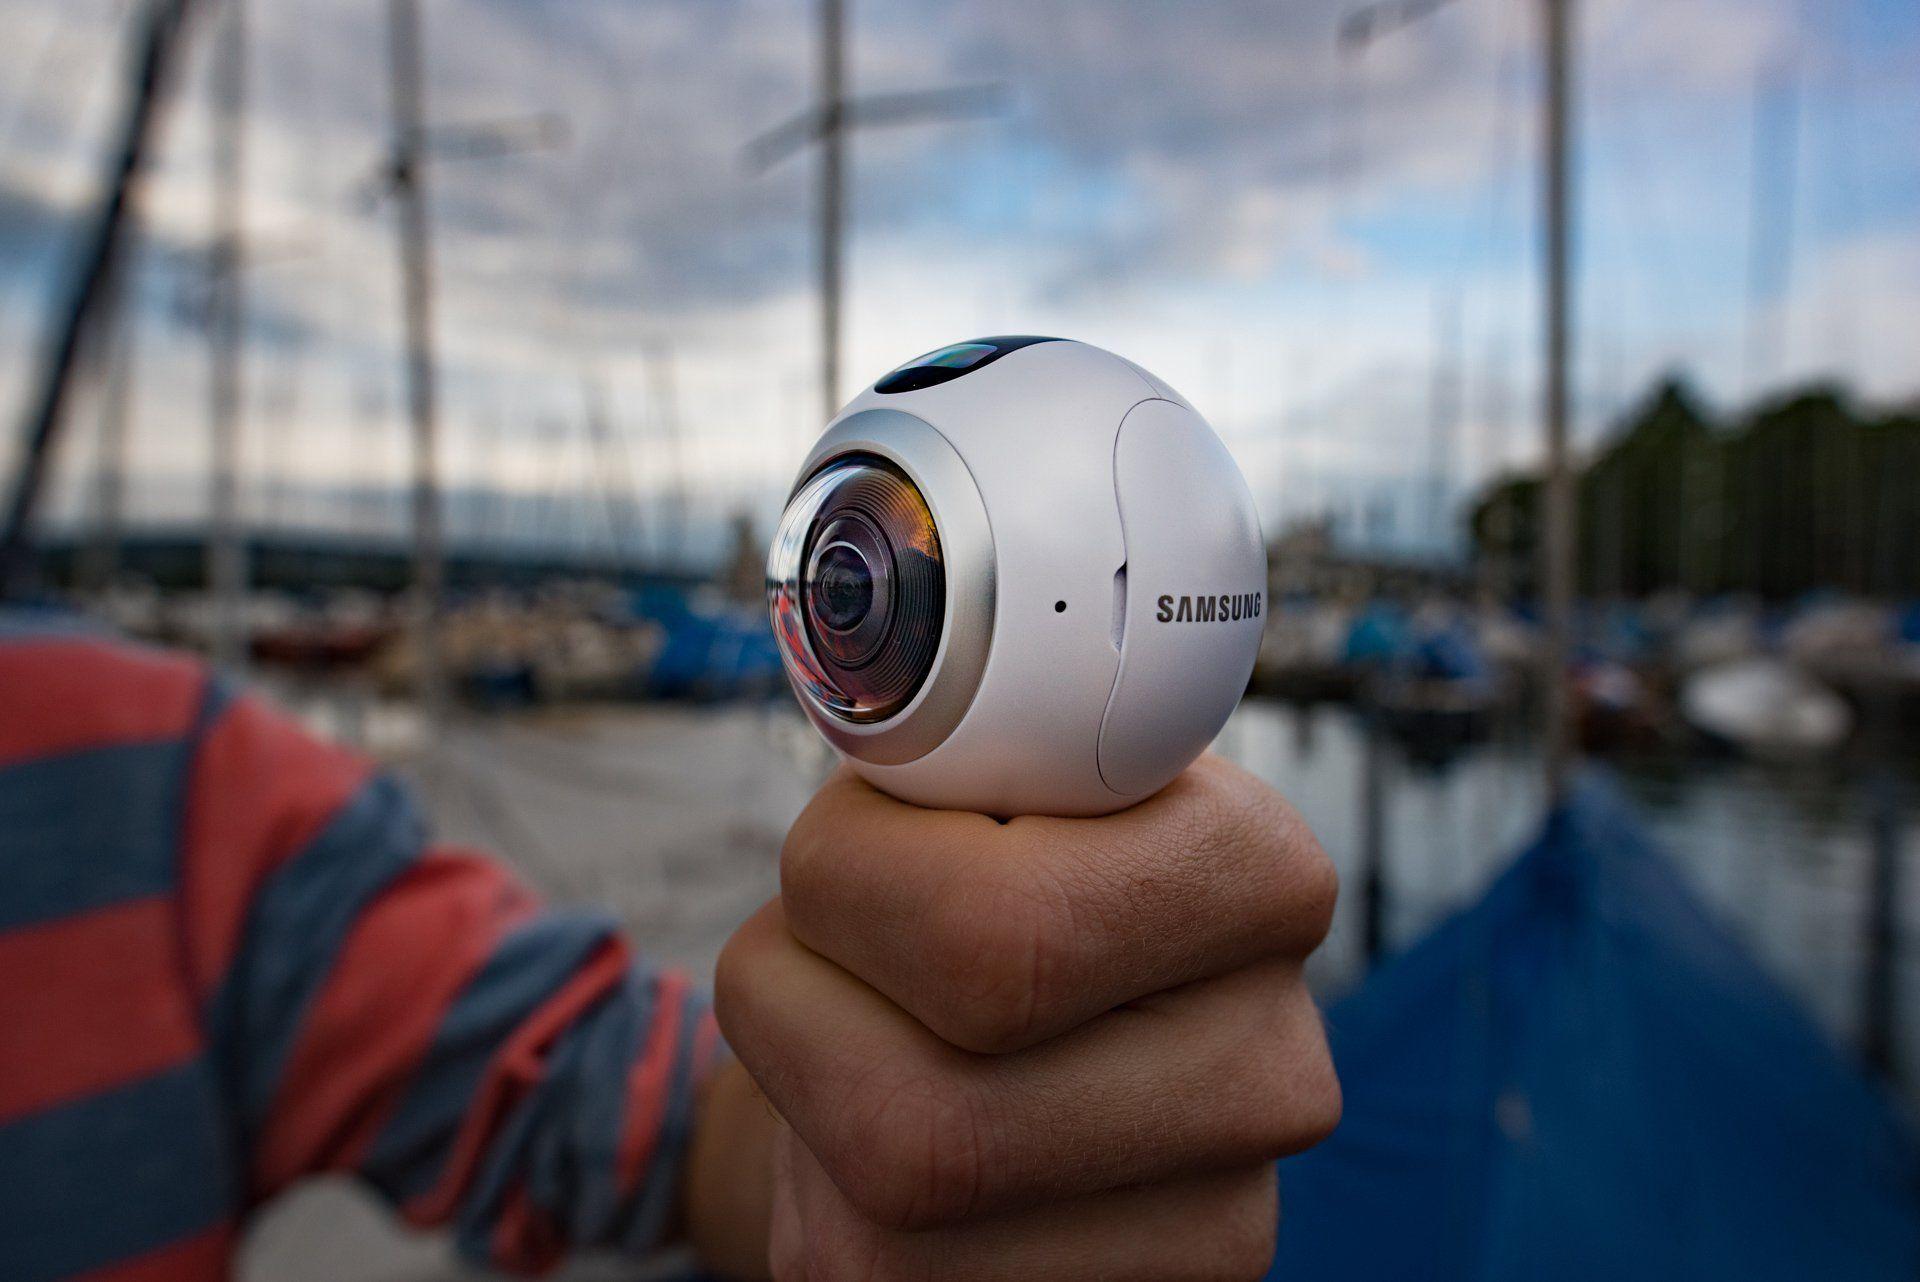 Samsung Gear 360 tested in Zurich, Switzerland